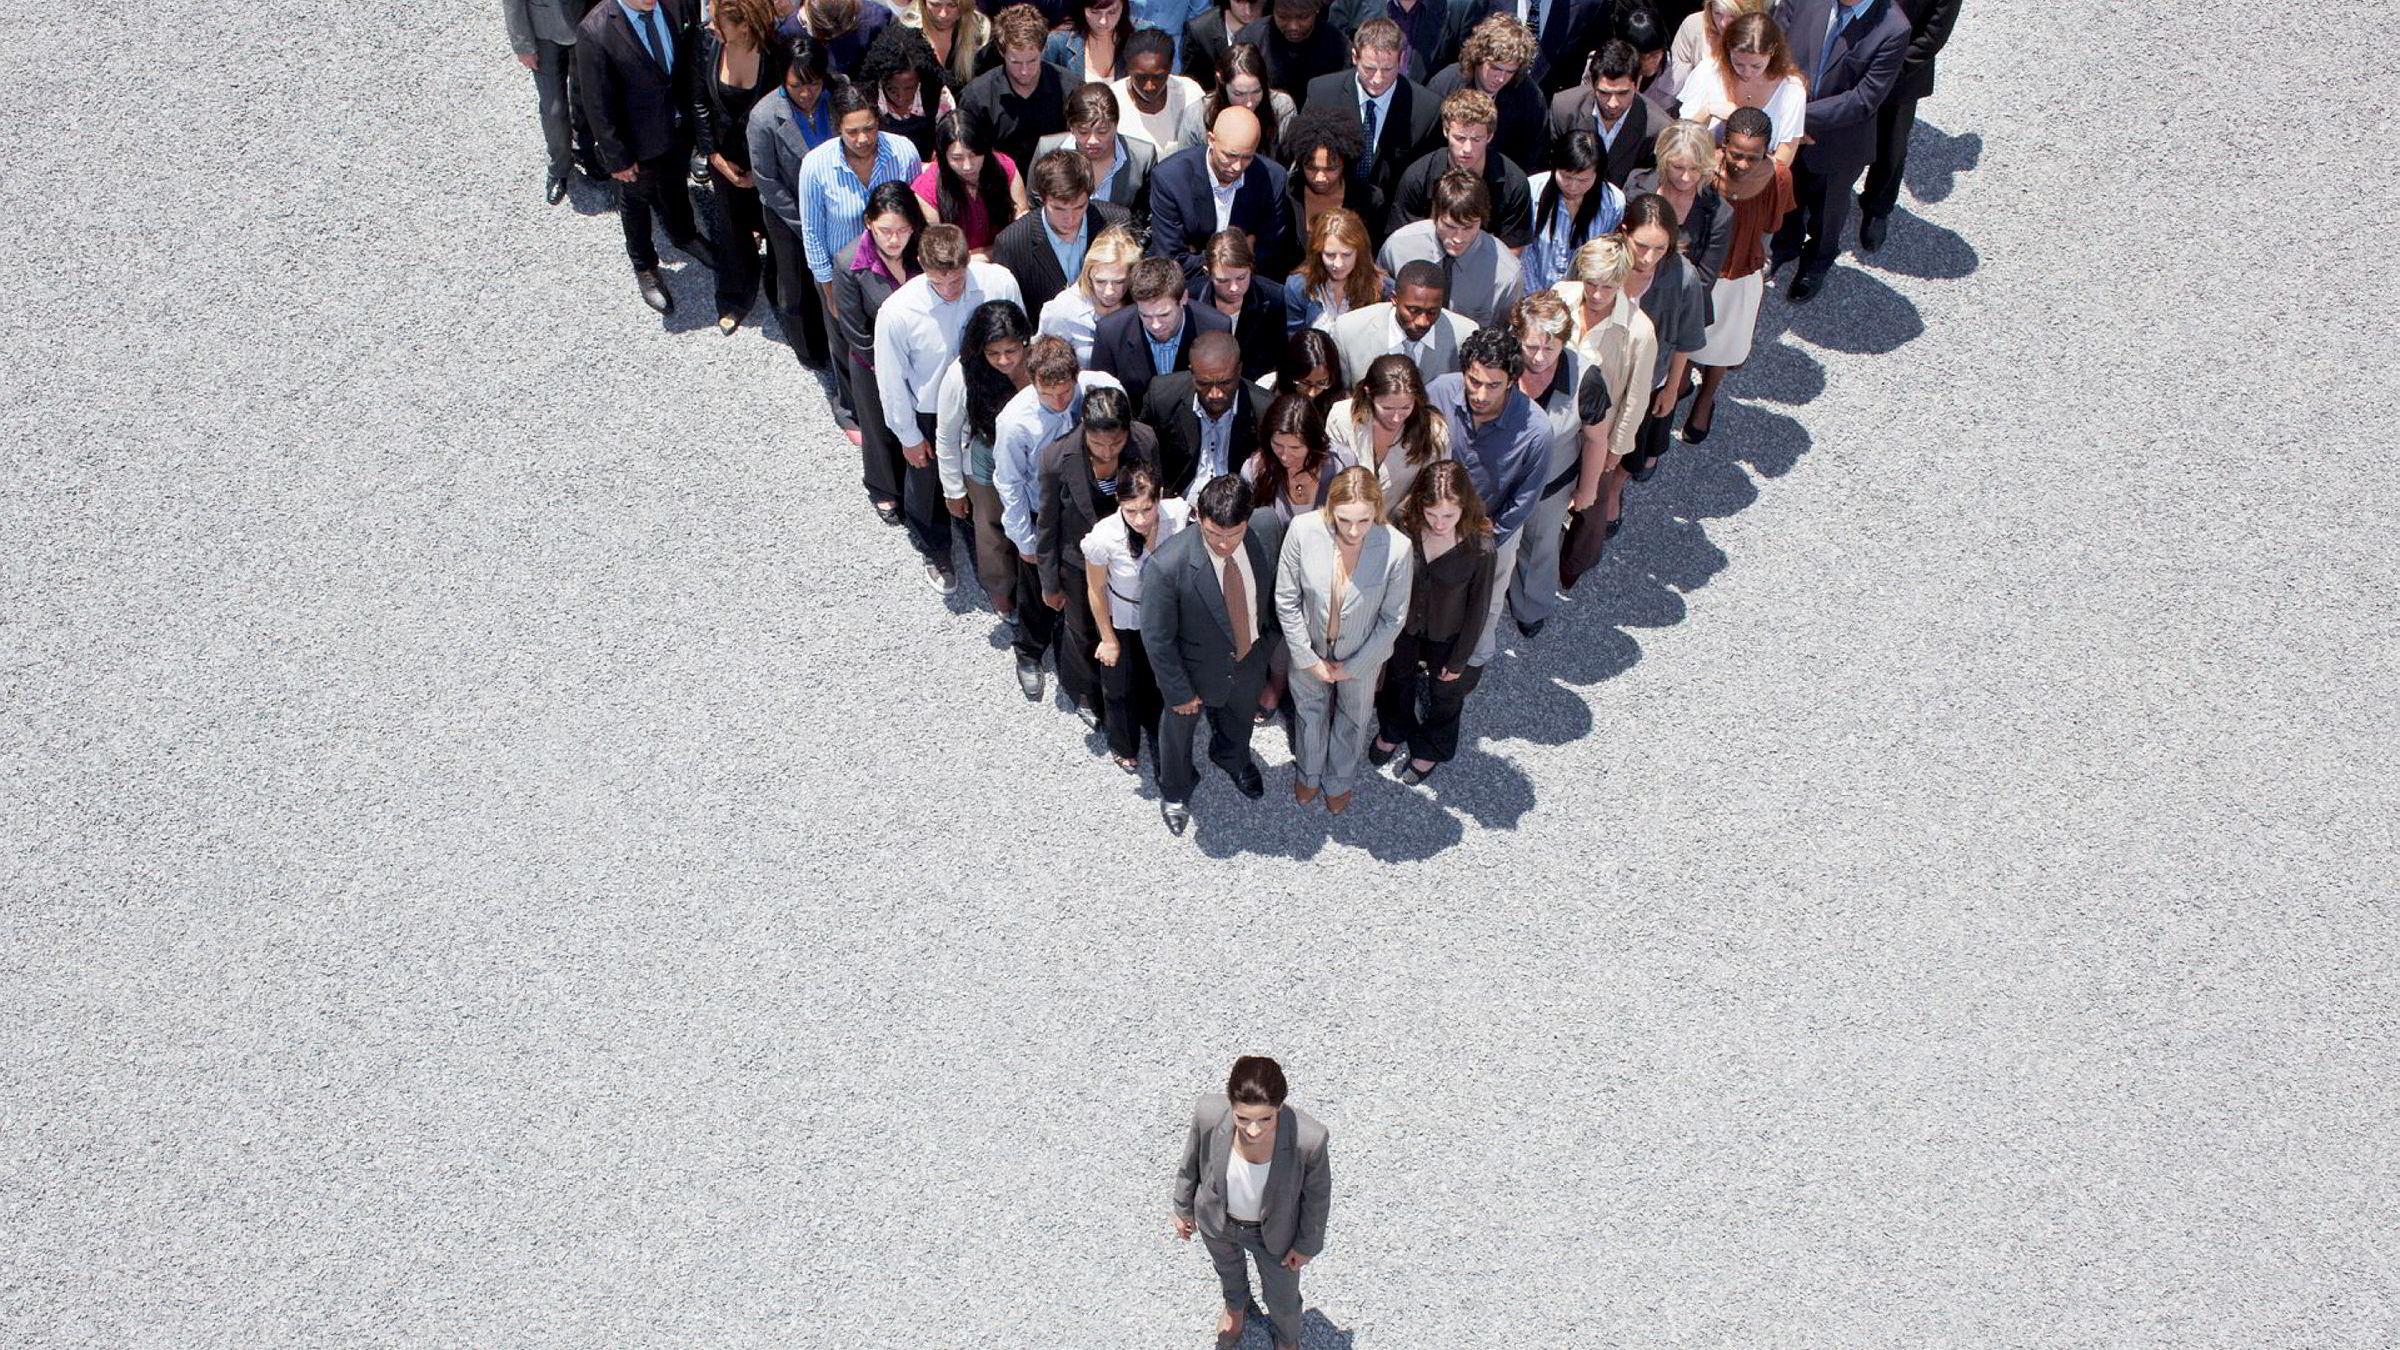 En leder må heie på gode initiativ i organisasjonen, skriver artikkelforfatteren.